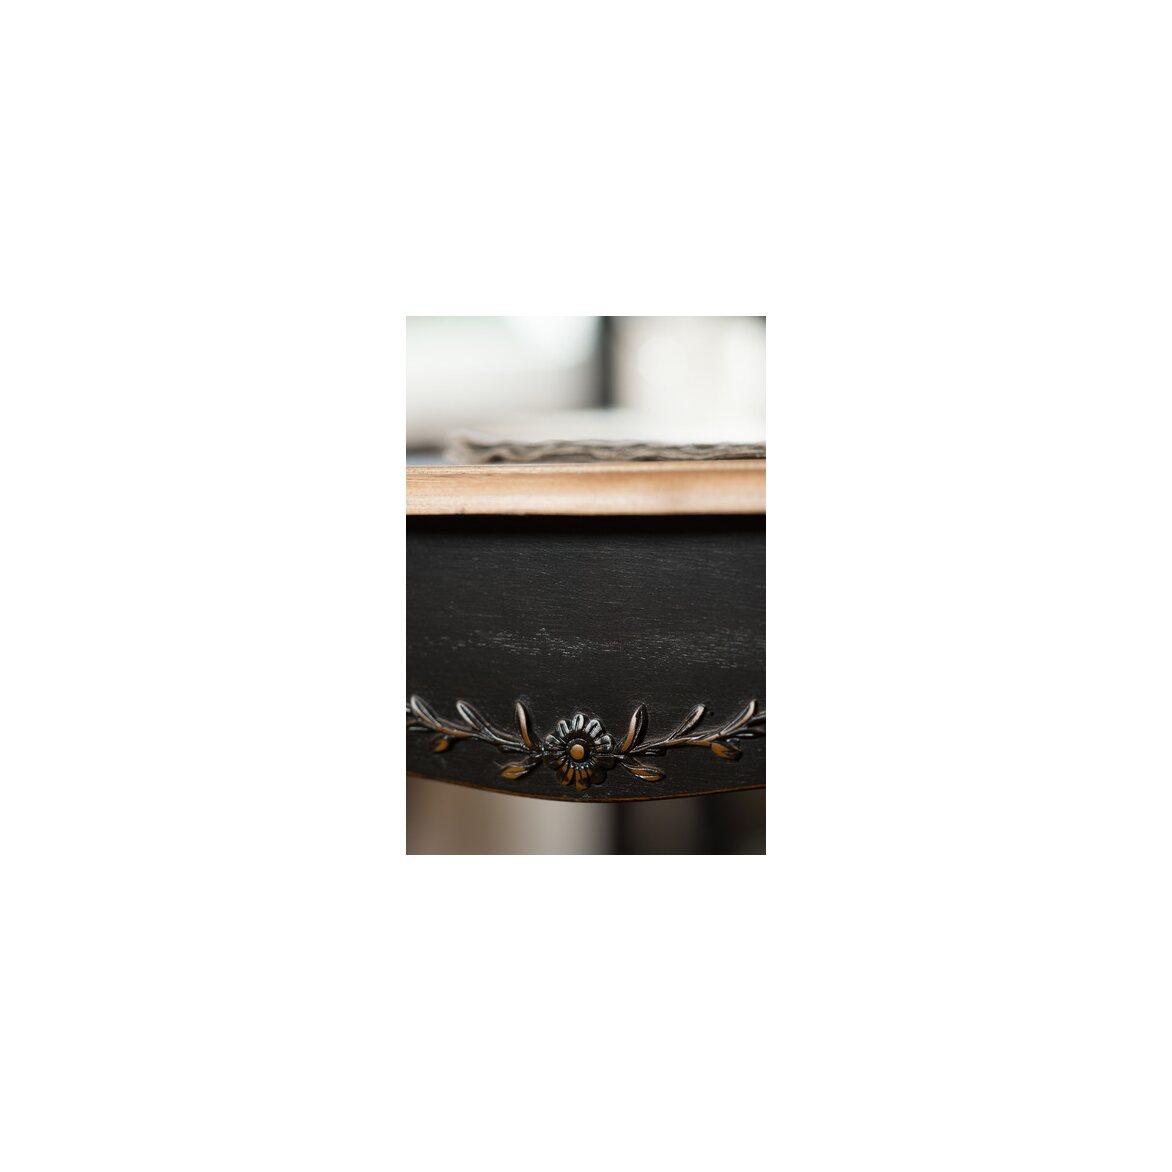 Круглый обеденный стол (большой) Leontina, черного цвета 4 | Обеденные столы Kingsby